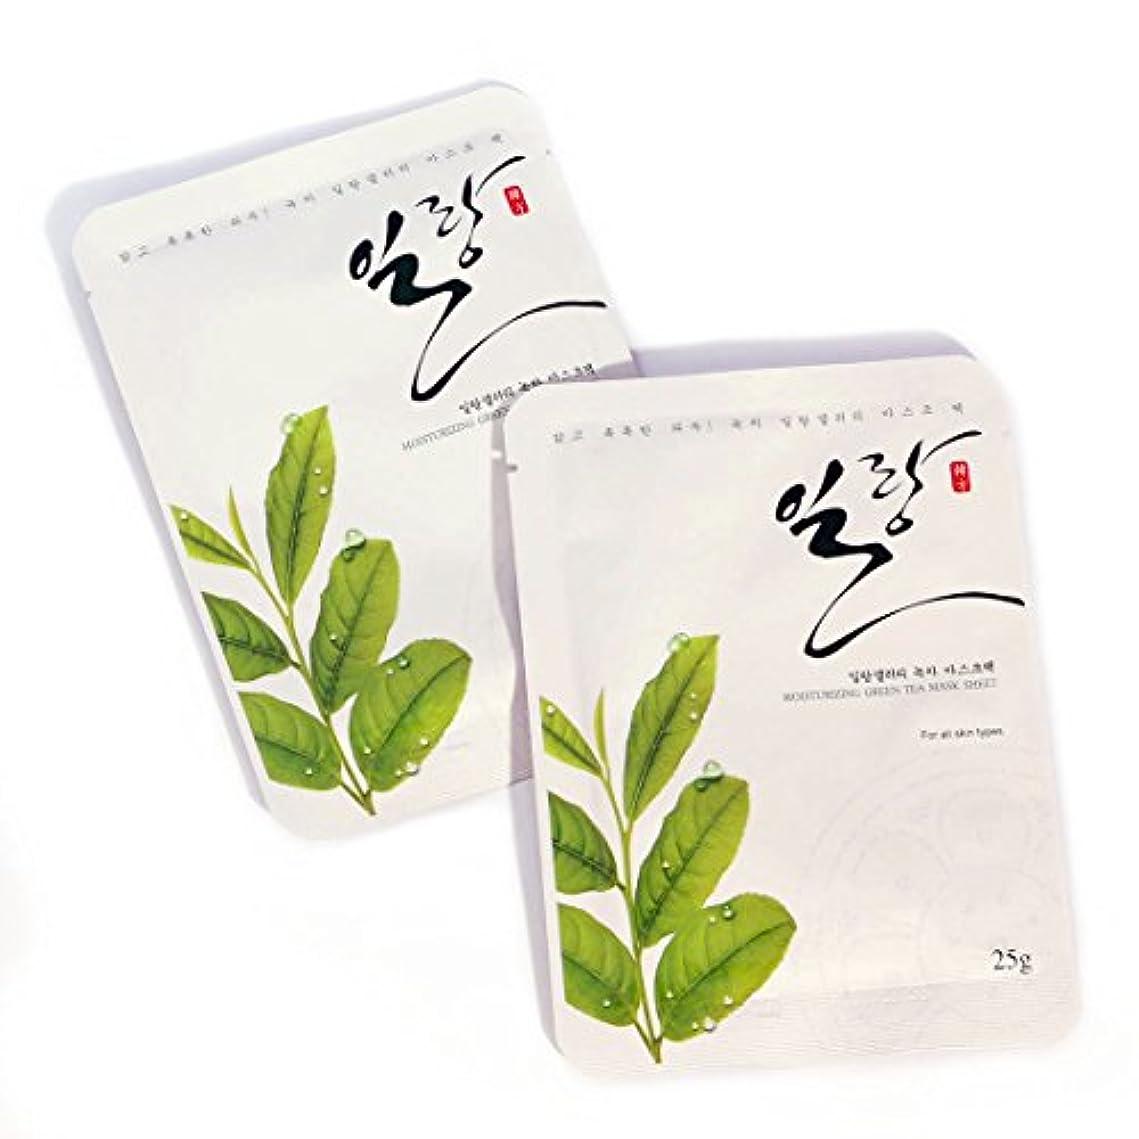 引き潮失敗に同意するYlang 韓国 伝統的な コラーゲン エッセンス フル 面 フェイシャル マスク 紙 シート - 25mlパック6個 - 緑茶 [並行輸入品]